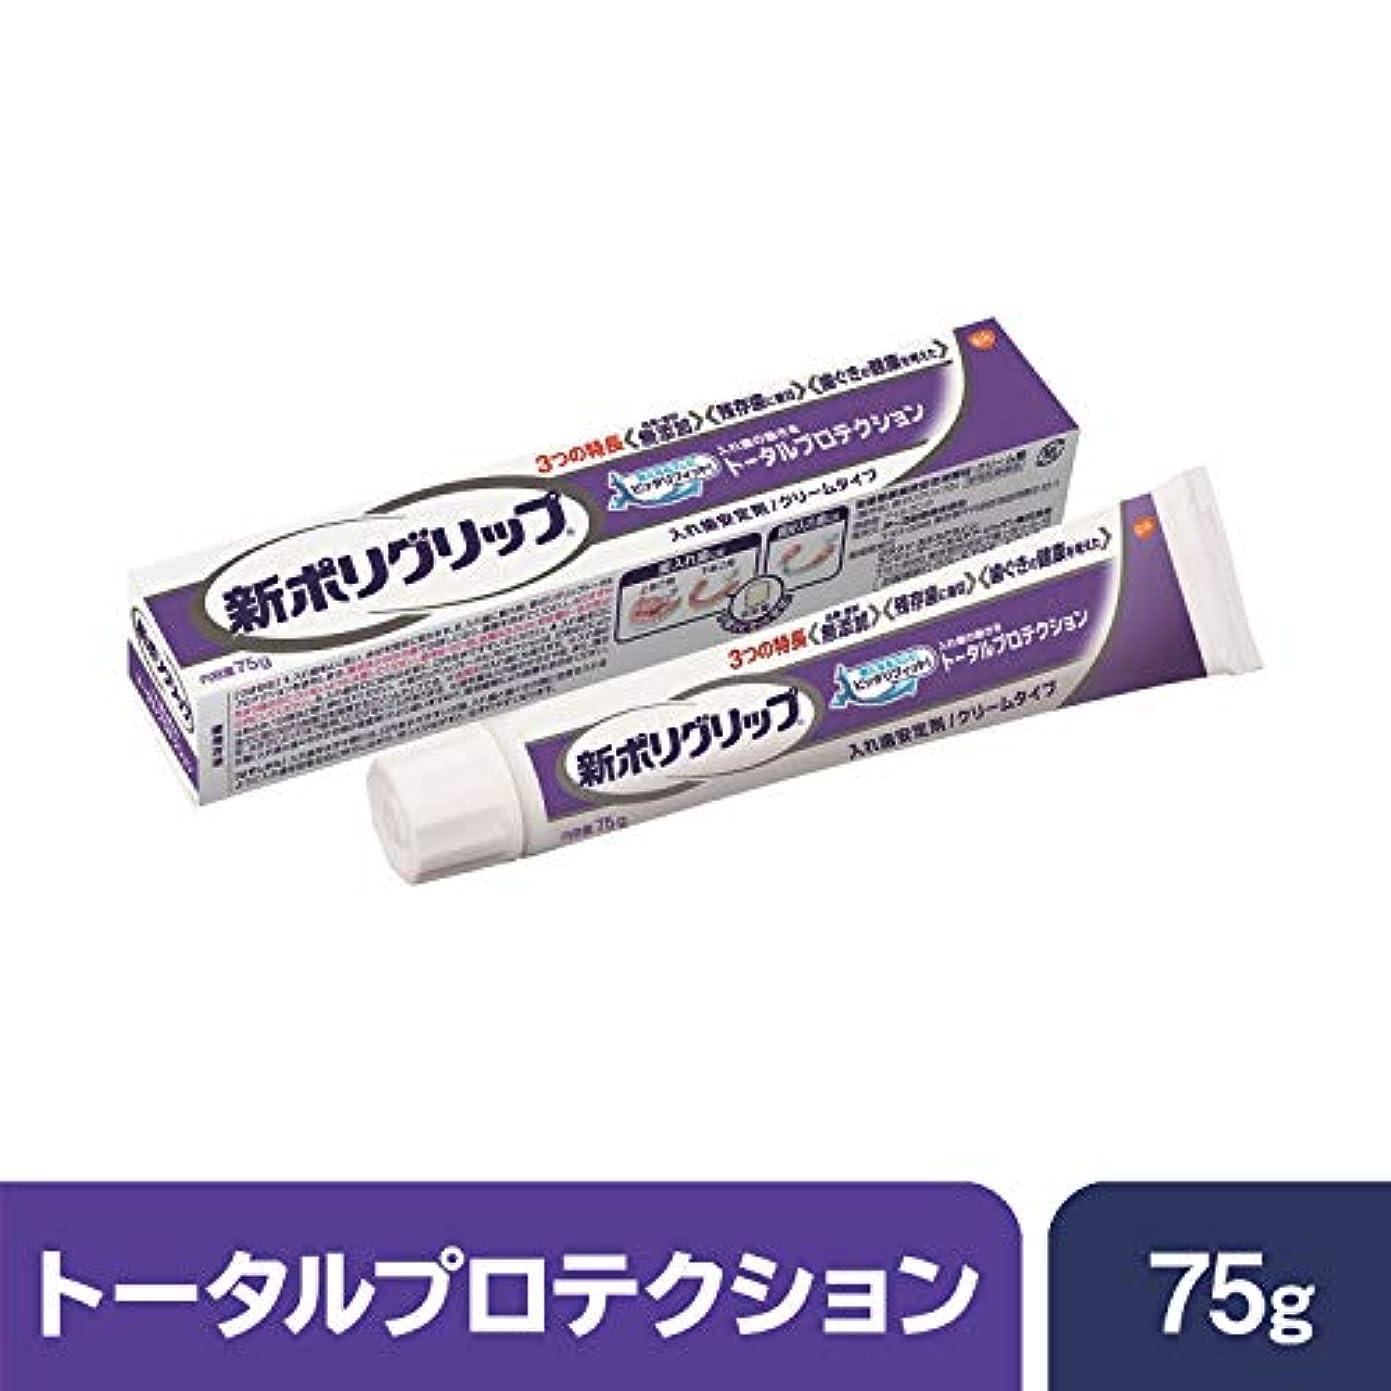 同意するオーバーフロー減らす部分?総入れ歯安定剤 新ポリグリップ V(歯グキの健康に着目) 75g